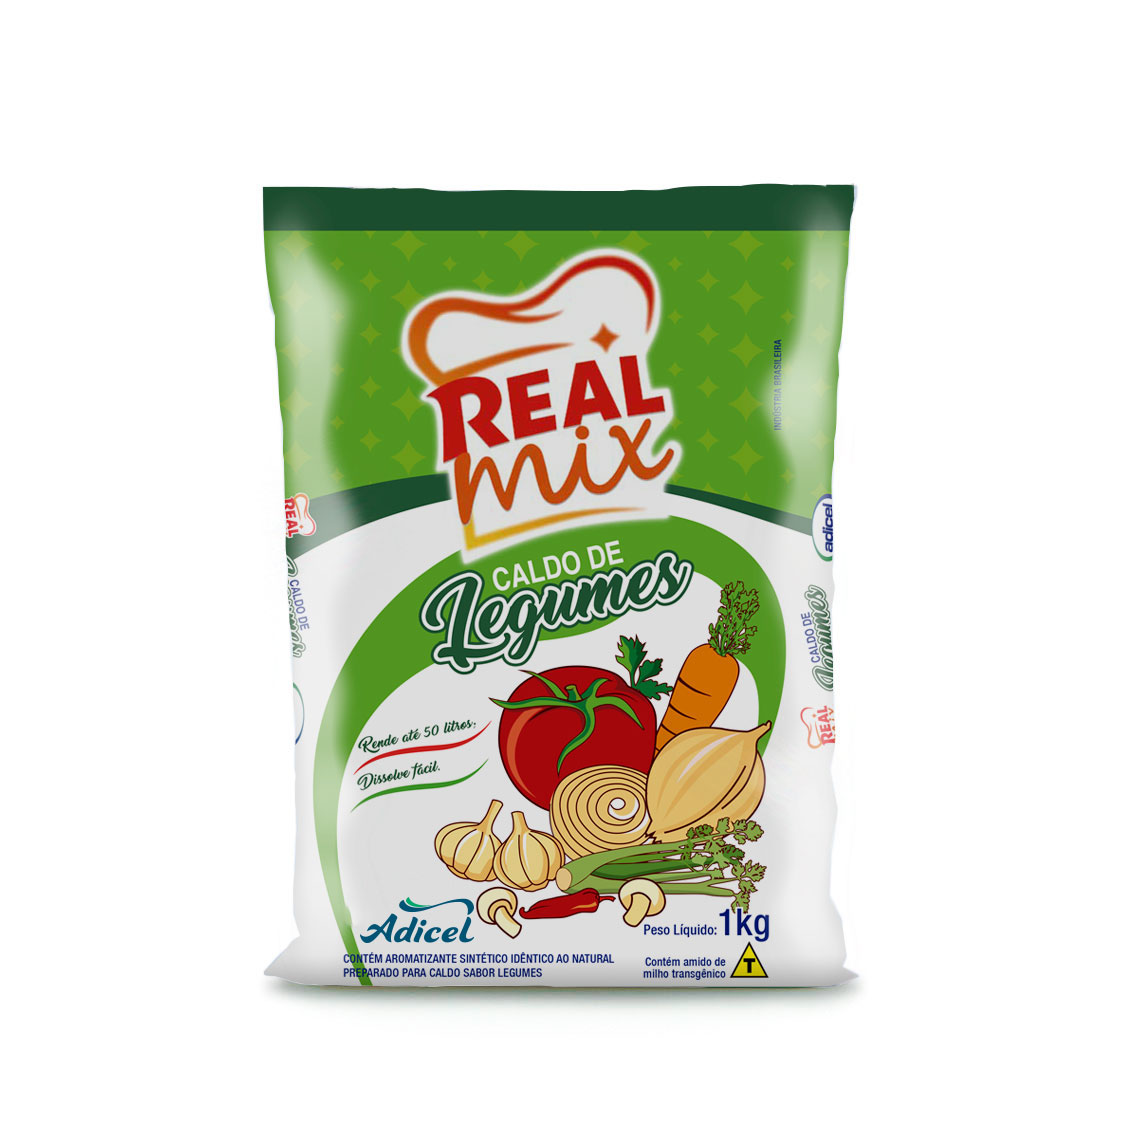 Caldo De Legumes - 1 kg